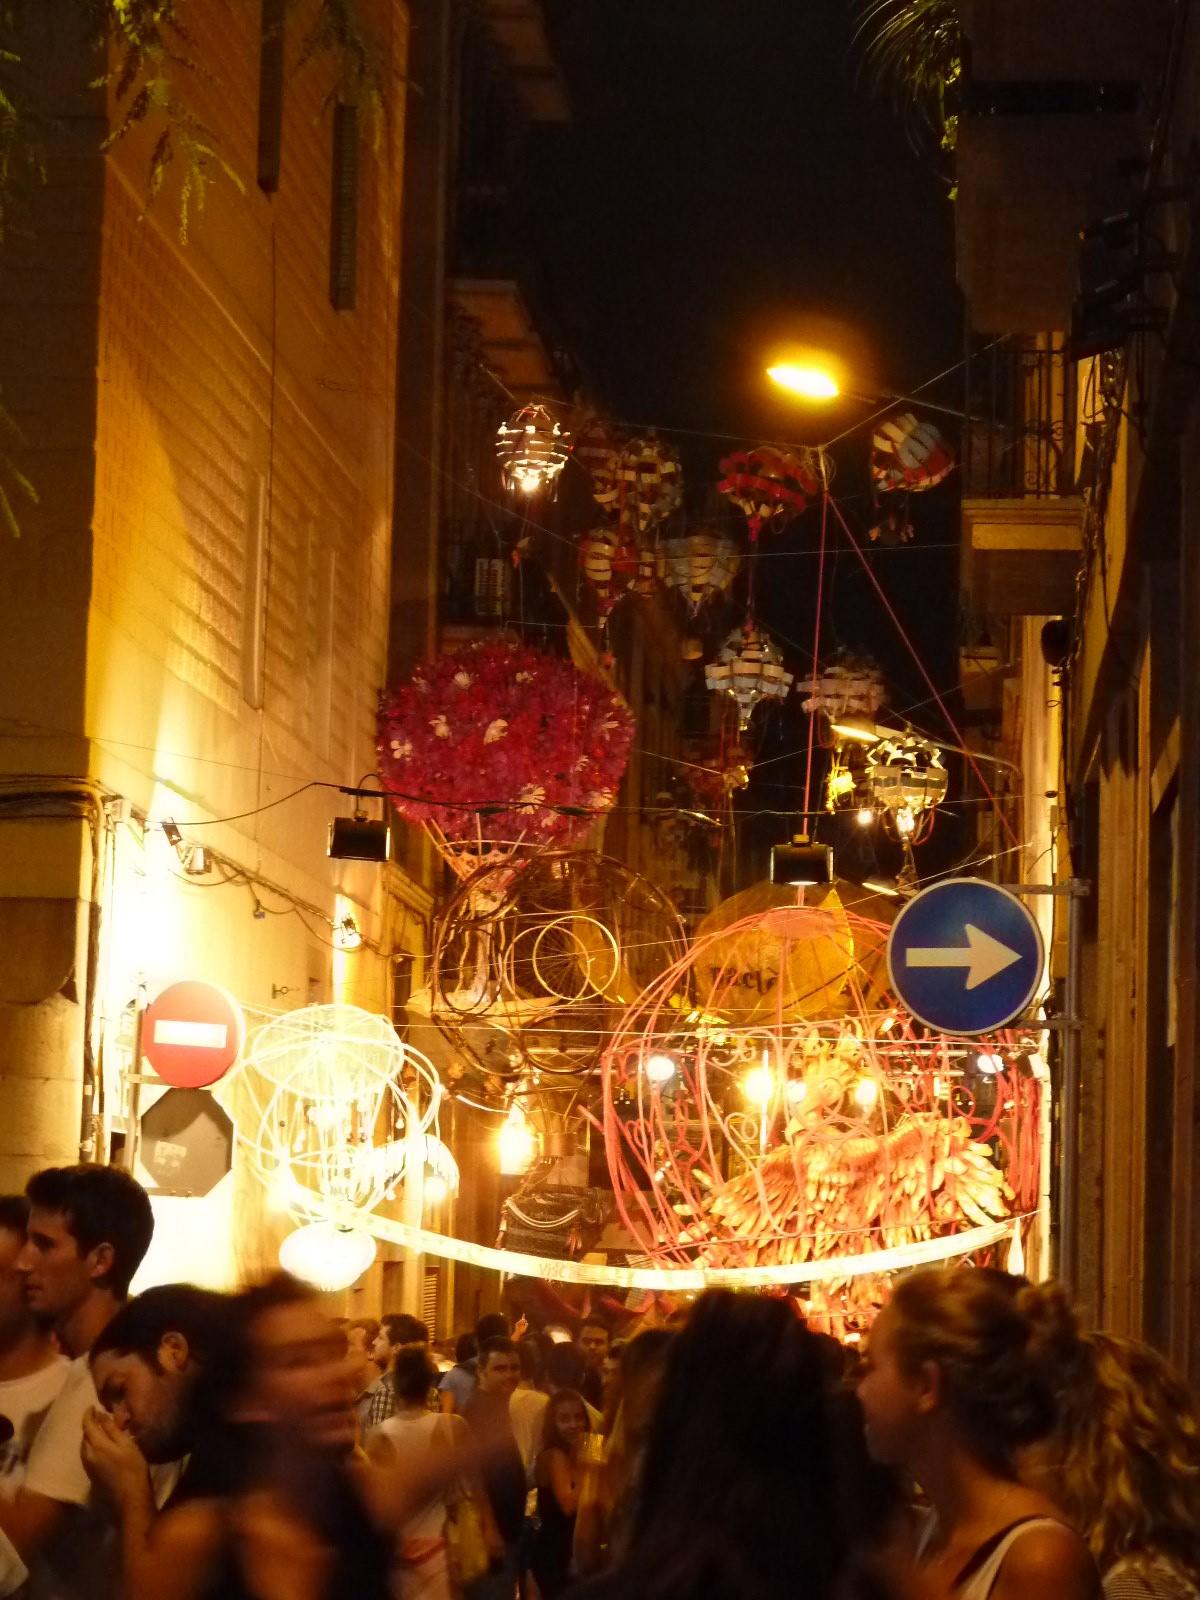 Festival-Gracia-Air-Baloon-Street-e1377425410774.jpg